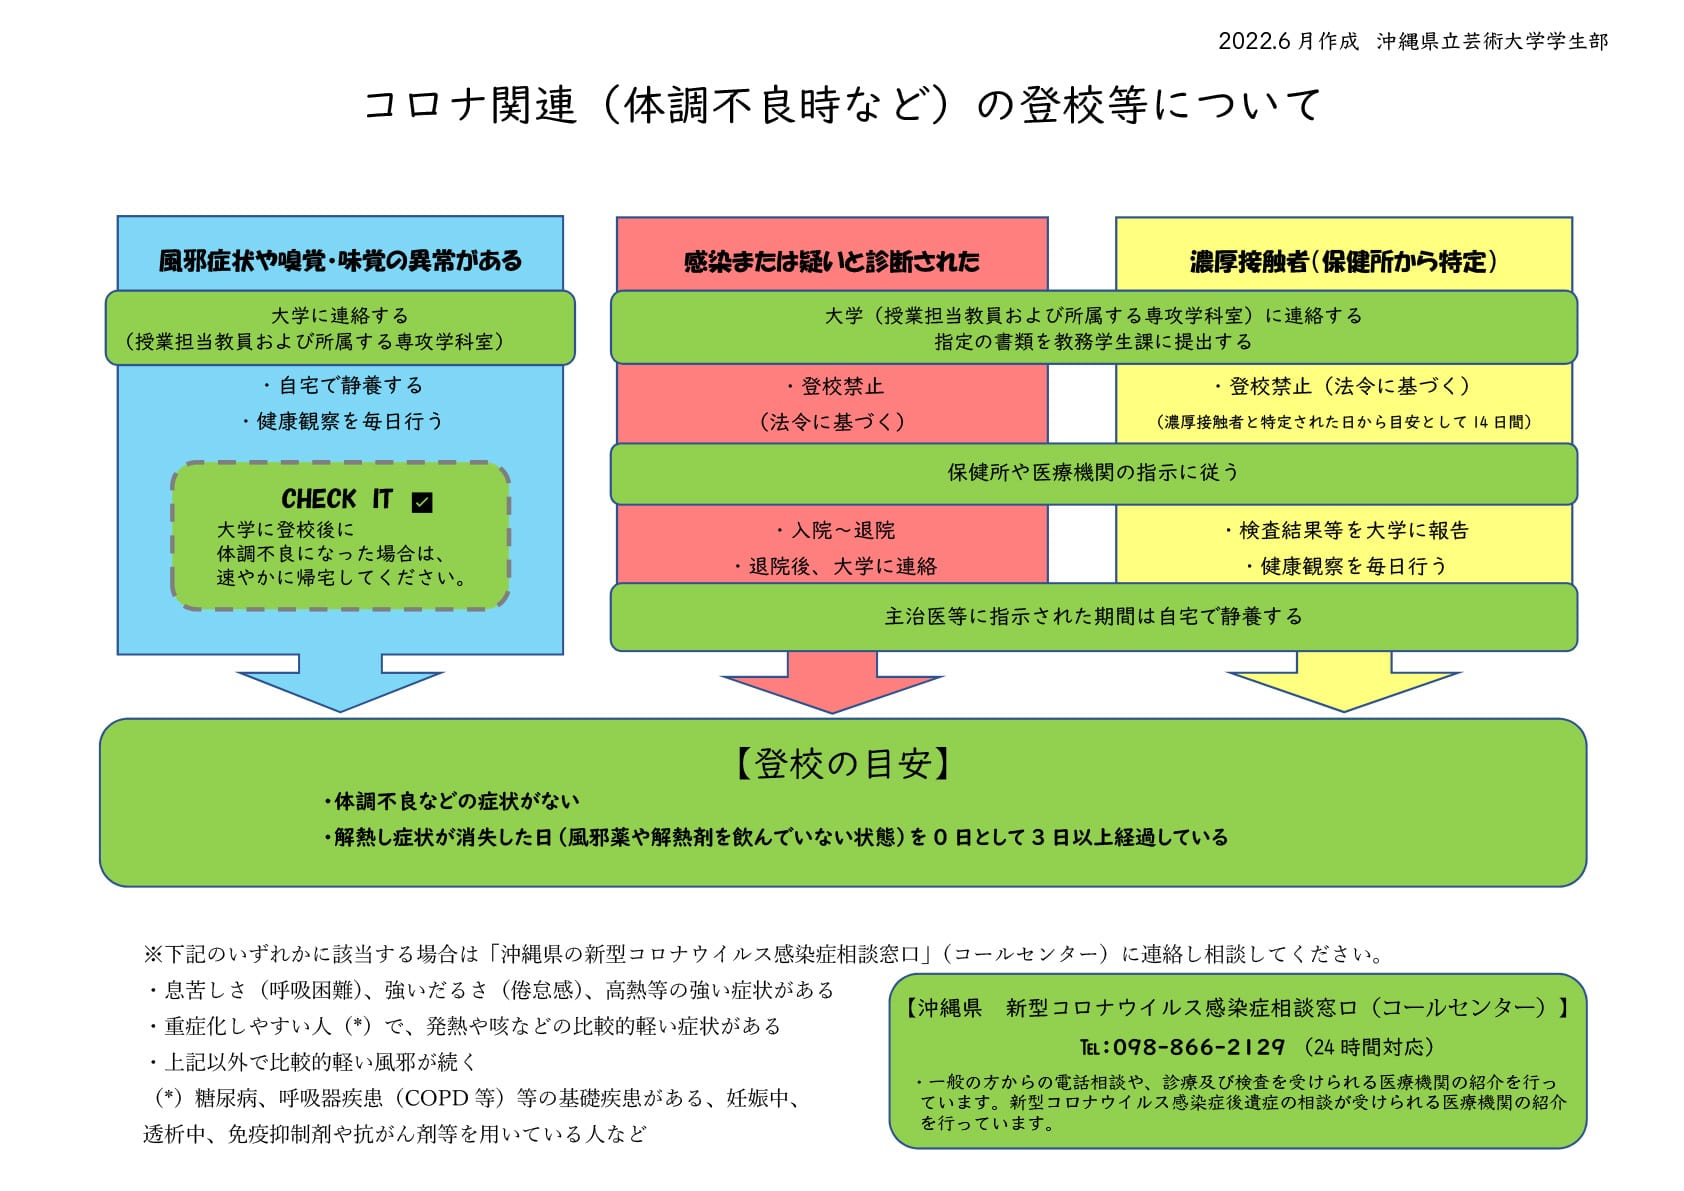 コロナ関連(体調不良時など)の登校について(フロー図)